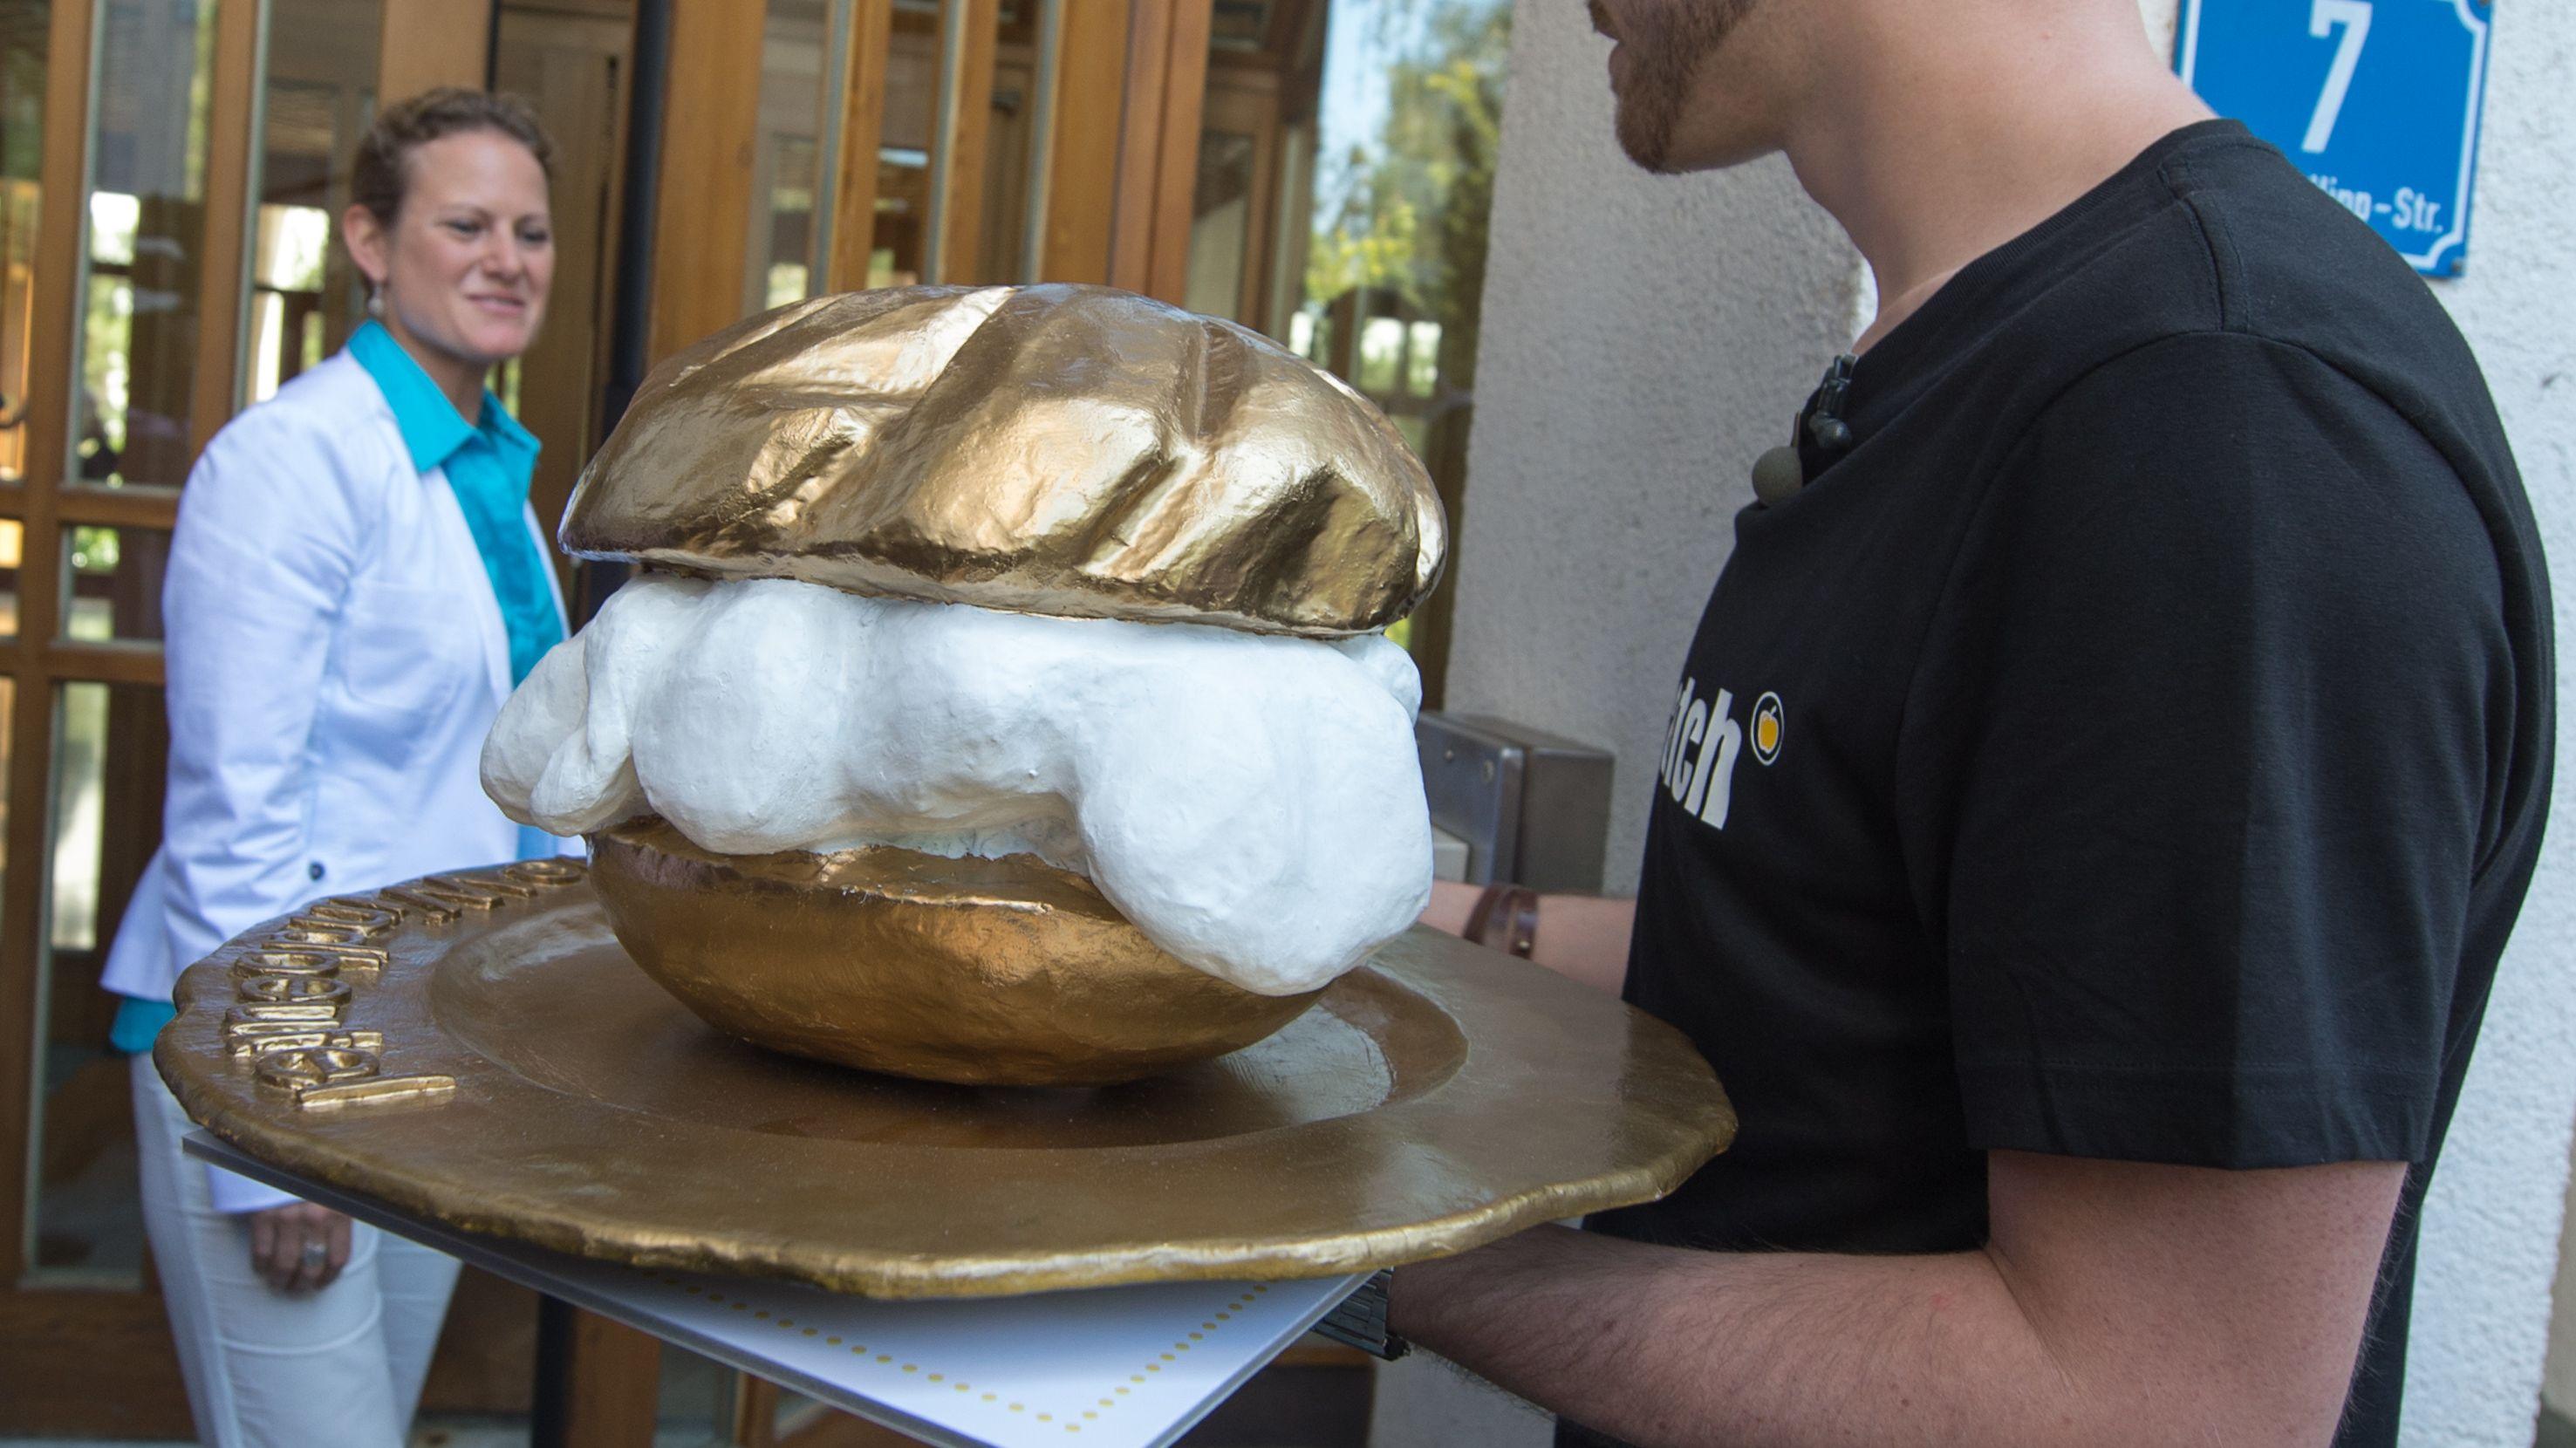 Auf dem Bild sieht man einen goldenen Windbeutel, der an die dreistete Werbelüge vergeben wird.